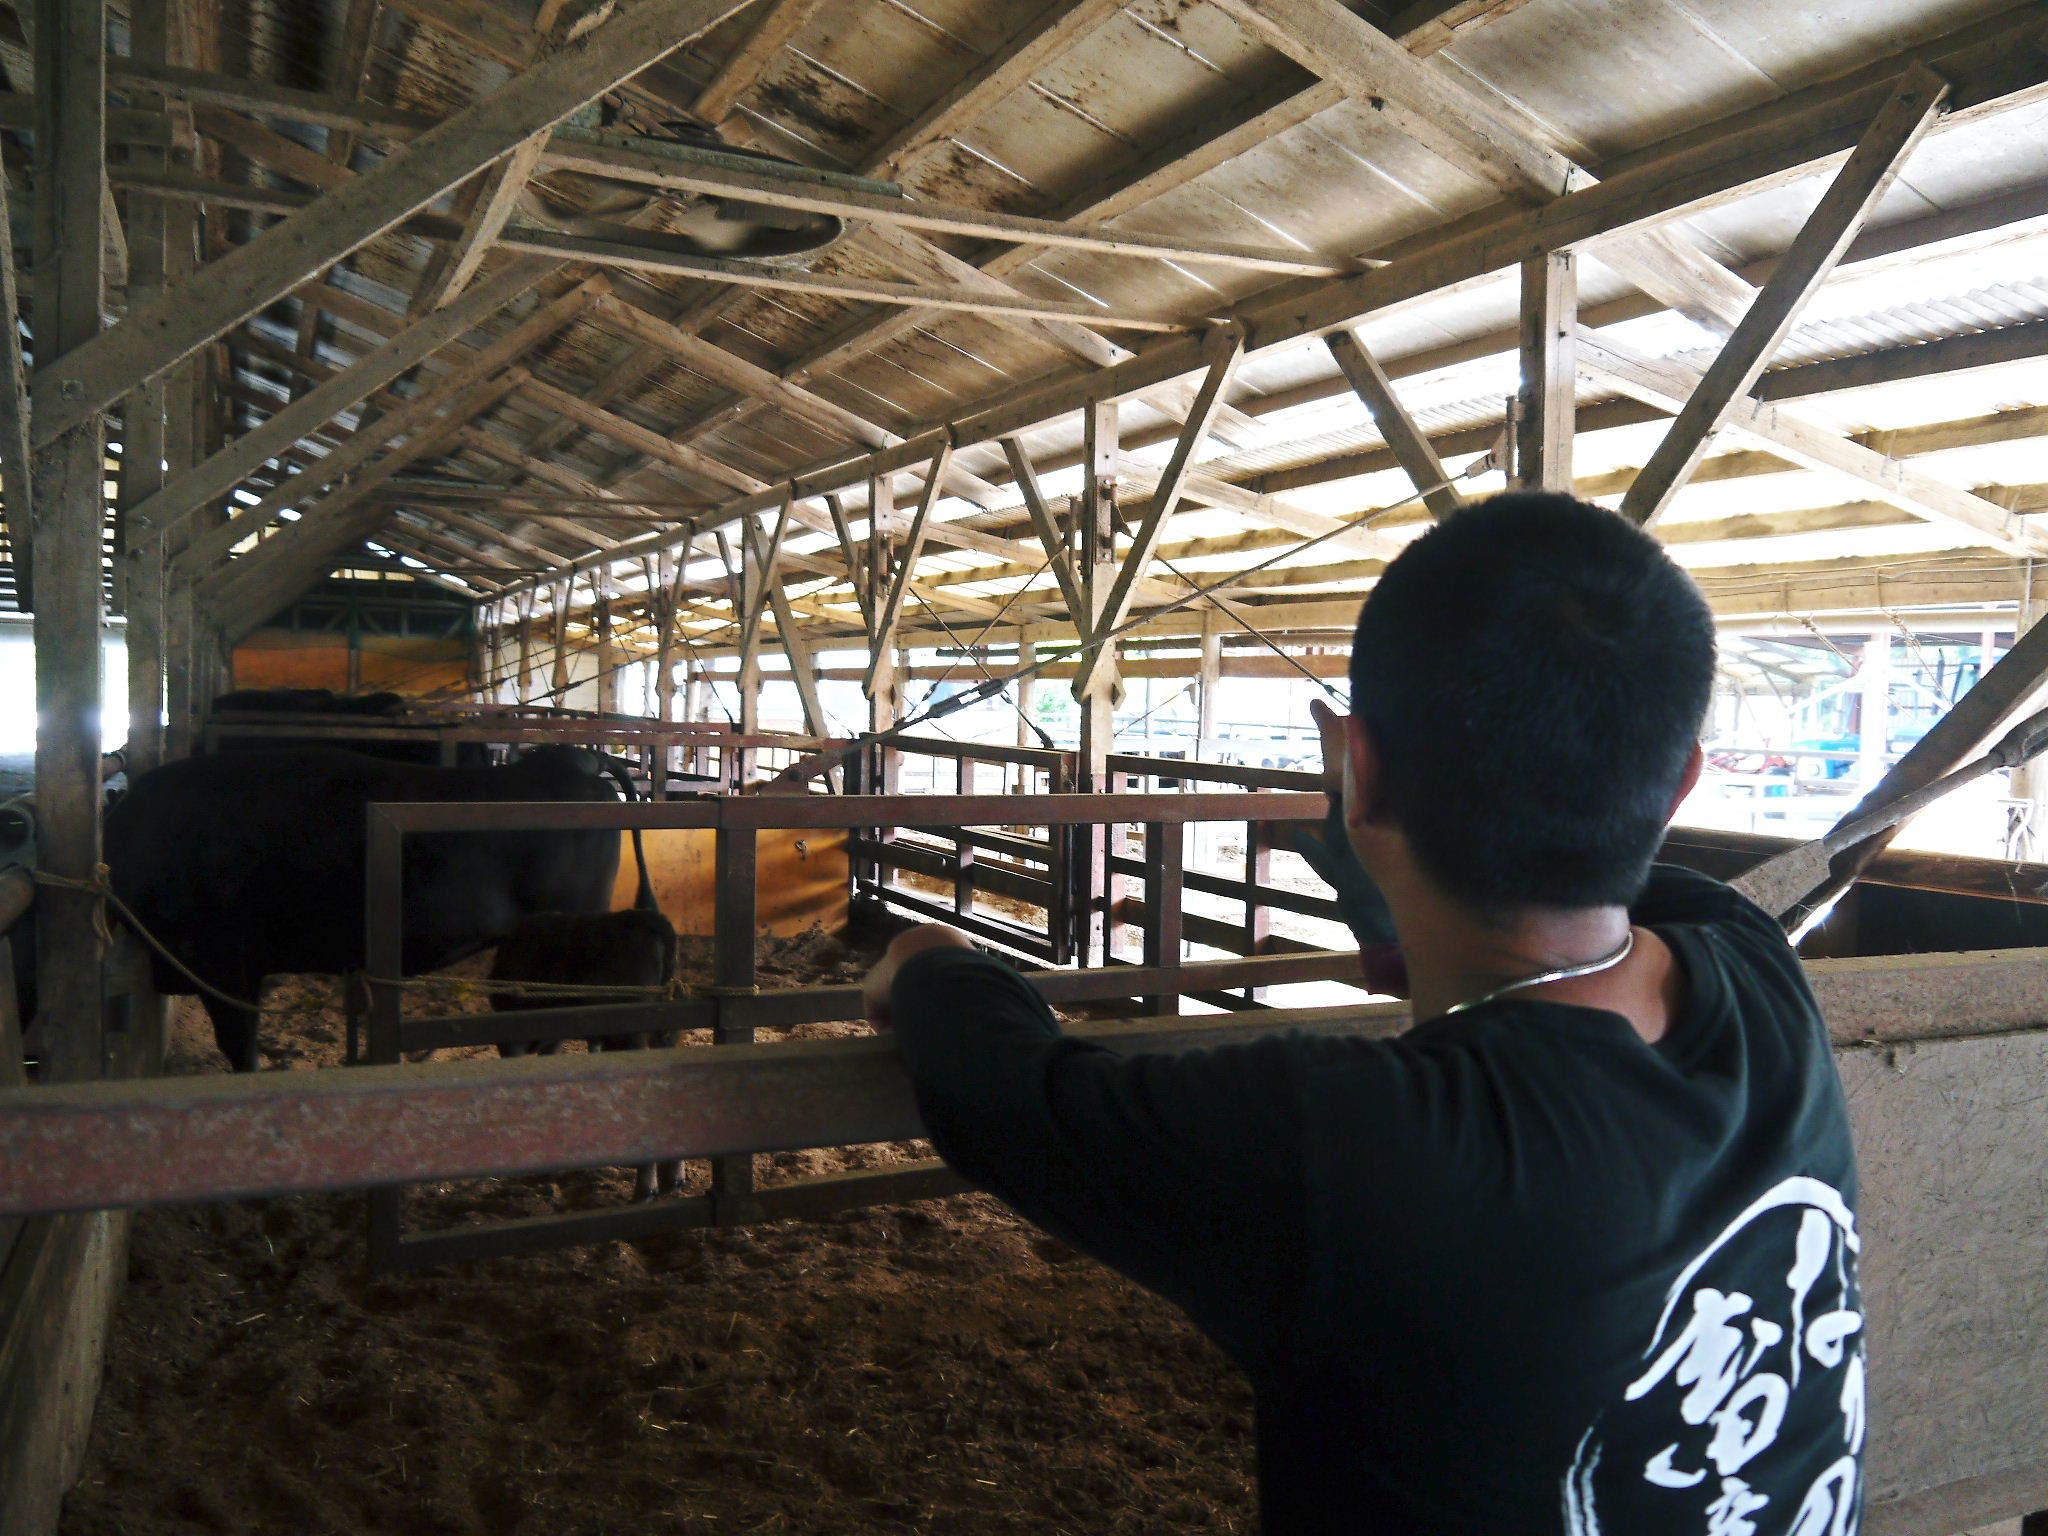 熊本県産の黒毛和牛を100%のハンバーグステーキ!次回出荷日決定!9月23日(水)に数量限定で出荷です!_a0254656_18265944.jpg